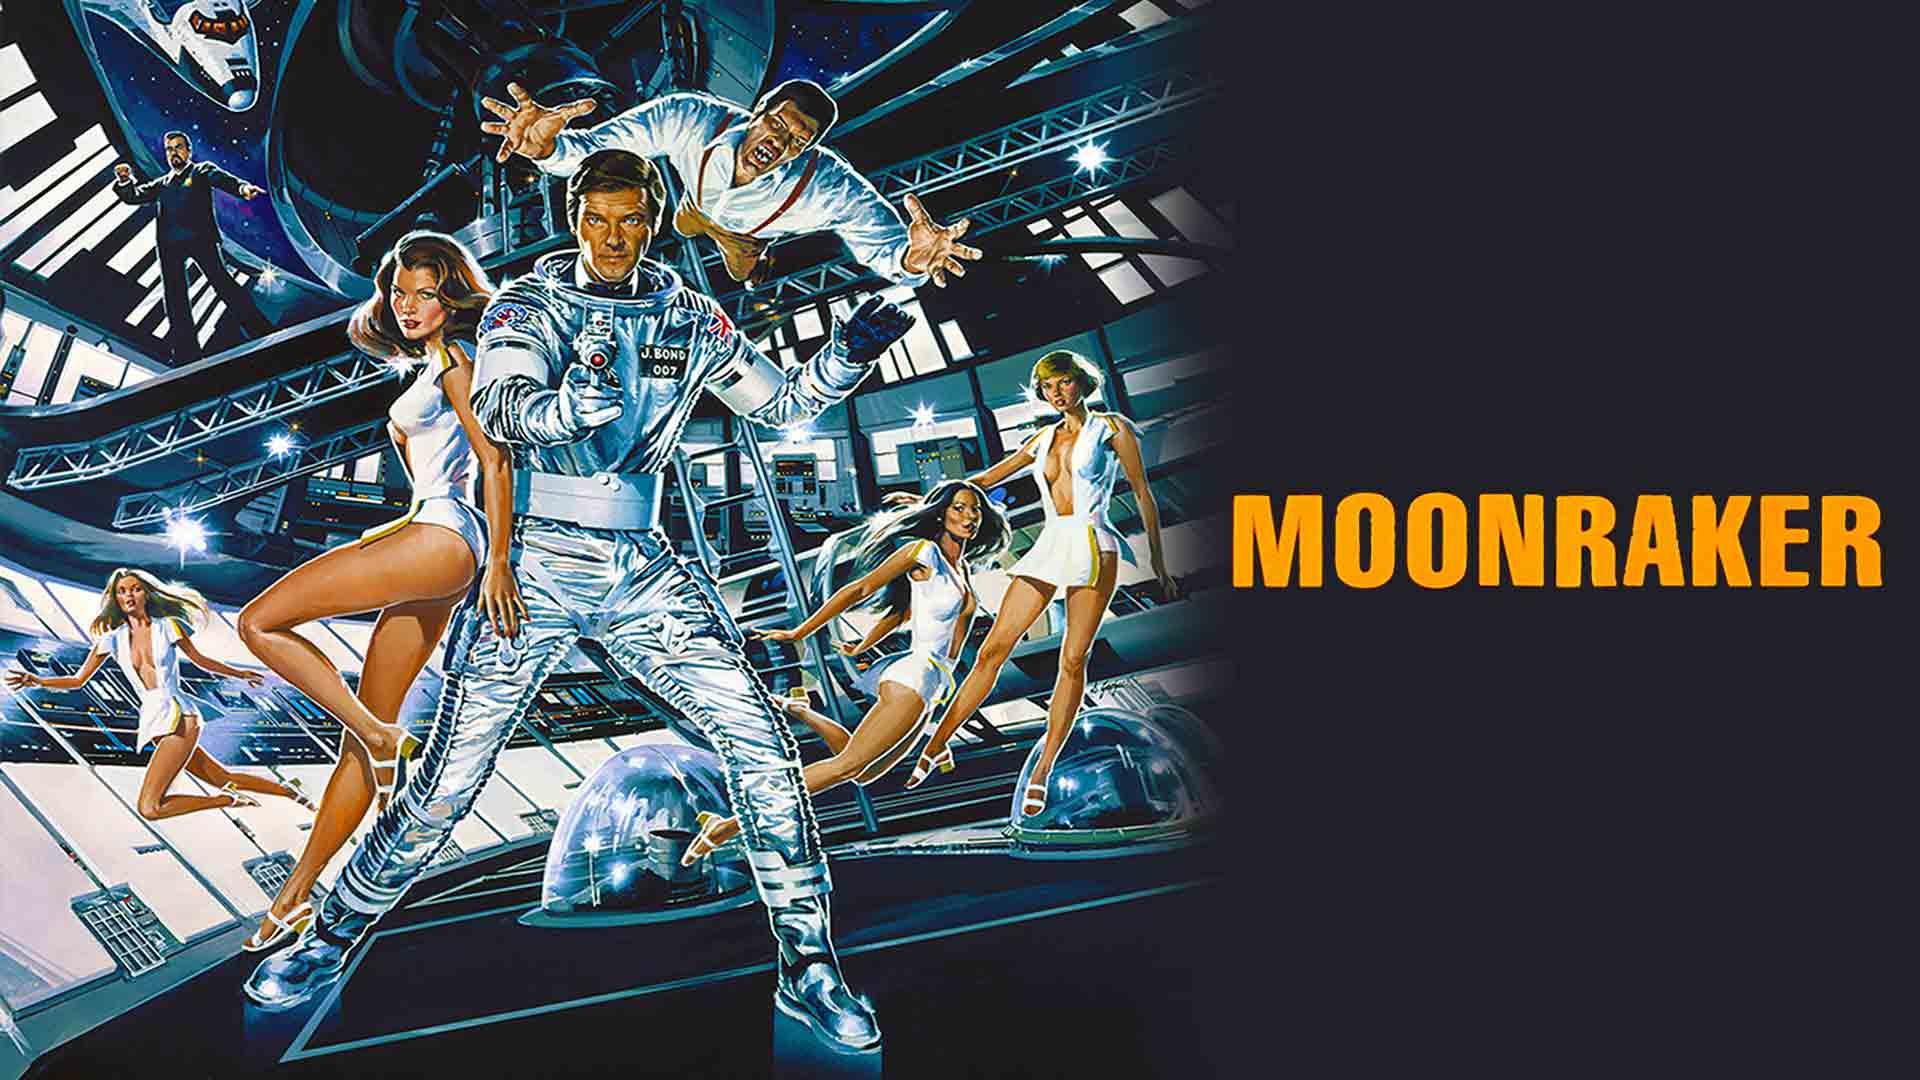 Moonraker (4K UHD)